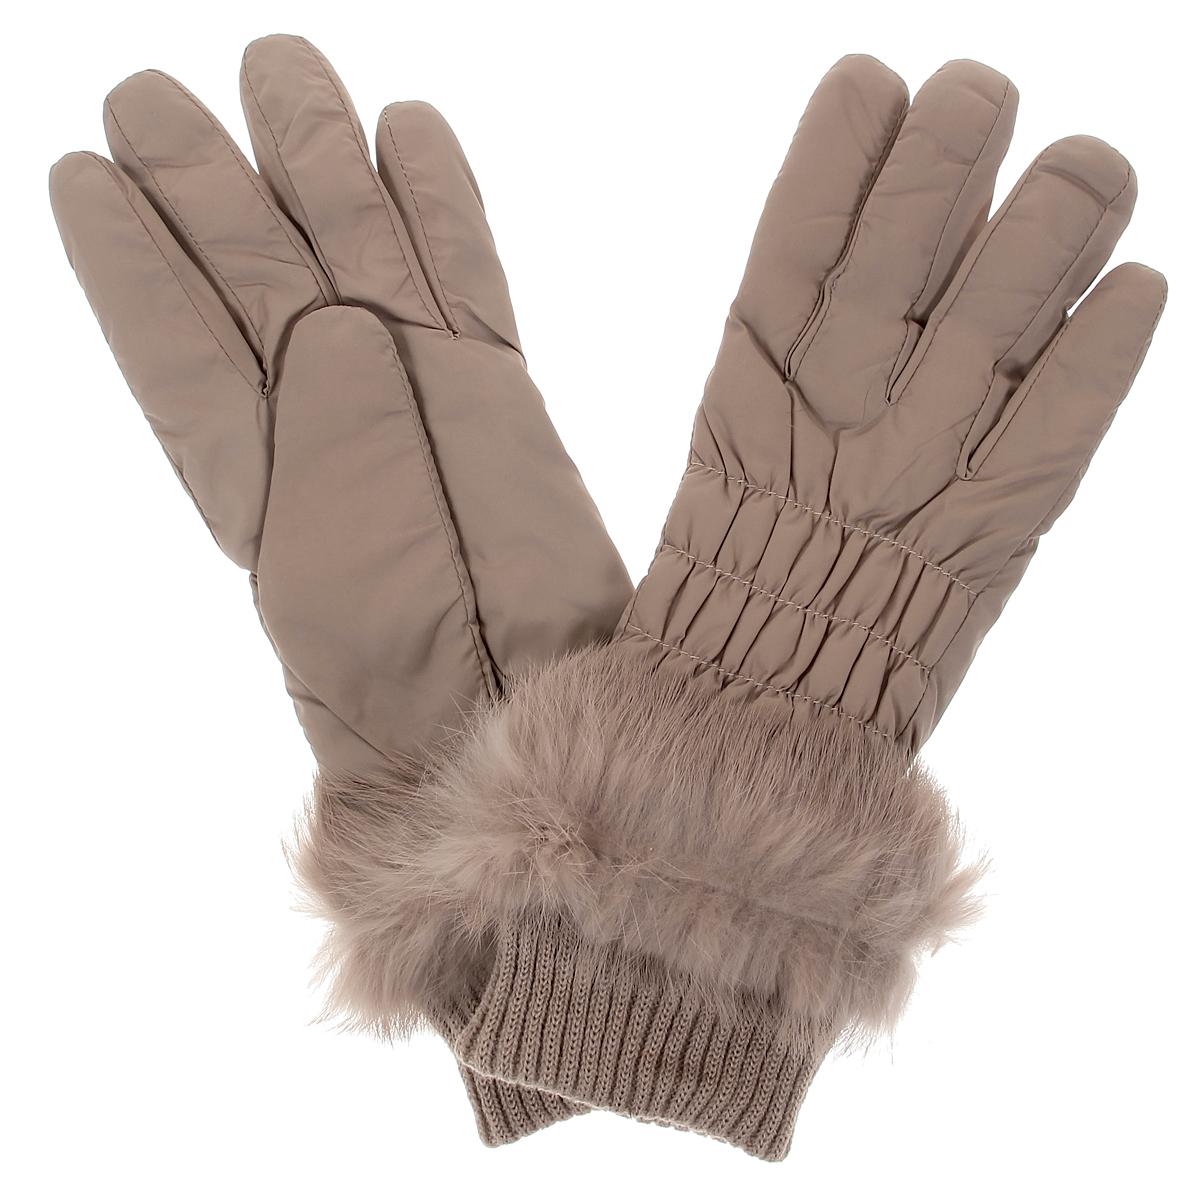 Перчатки95011-12BСтильные женские перчатки Moltini не только защитят ваши руки от холода, но и станут великолепным украшением. Верх модели выполнен из нейлона, подкладка - из мягкого искусственного меха, который хорошо сохраняет тепло. На лицевой стороне модель присборена на тонкие резинки, что обеспечивает плотную посадку по руке. Перчатки дополнены вязаными манжетами. Декорировано изделие мехом кролика. Перчатки станут завершающим и подчеркивающим элементом вашего неповторимого стиля и индивидуальности.